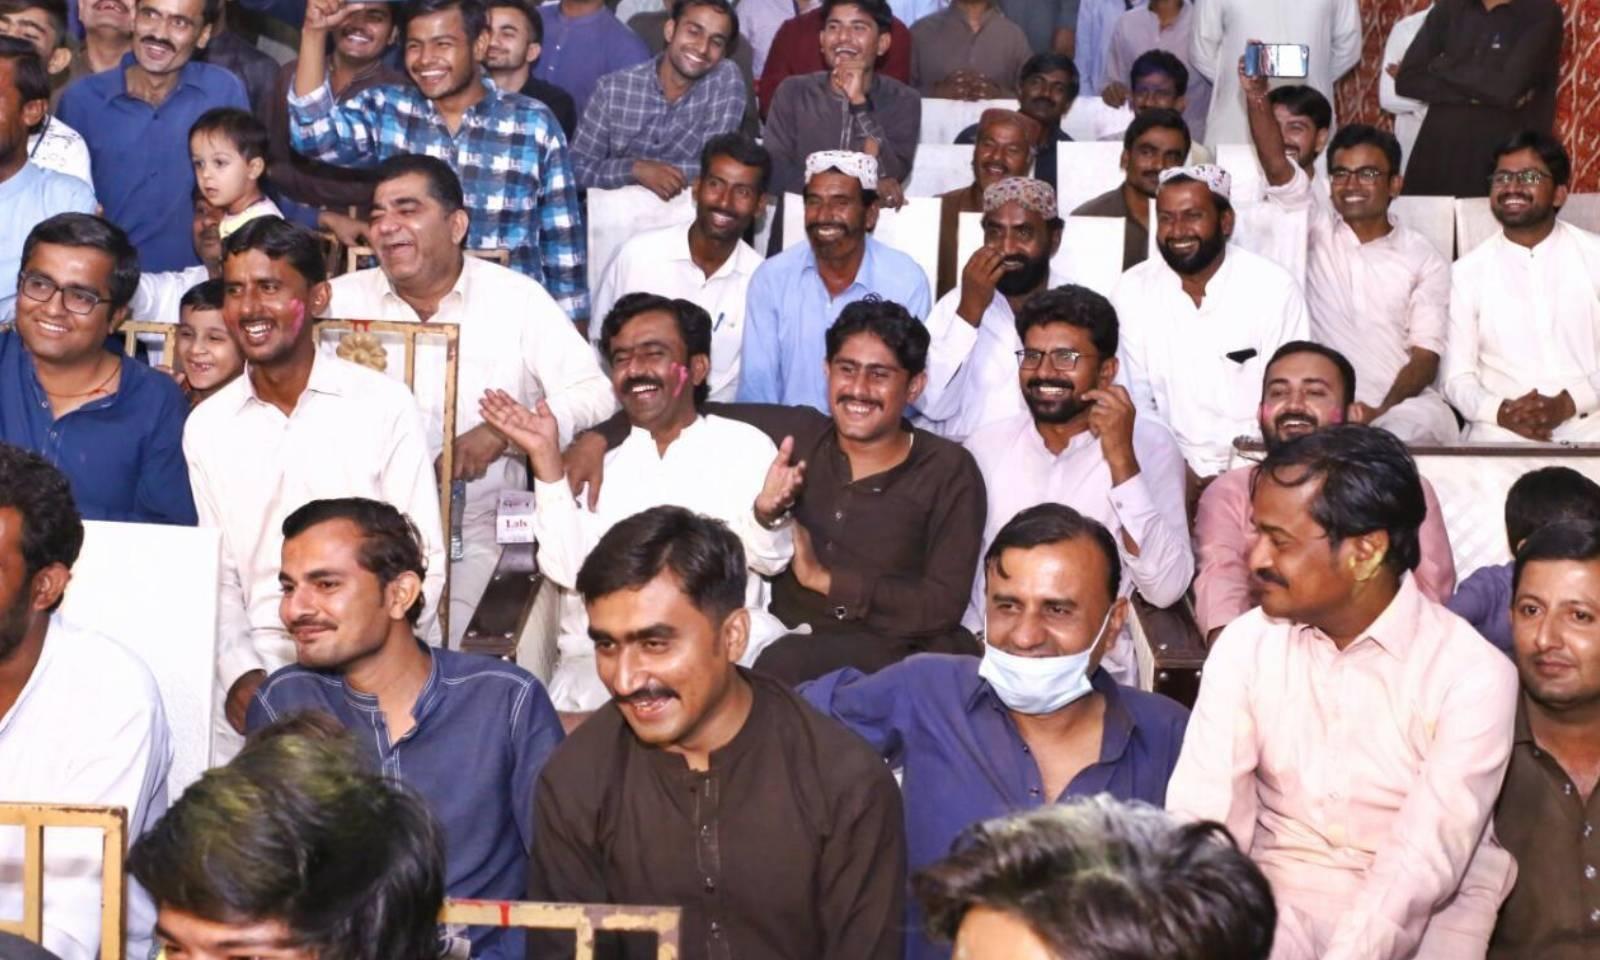 تقریب میں مختلف مذاہب سے تعلق رکھنے والے سیکڑوں افراد نے شرکت کی — فوٹو: امتیاز دھارانی